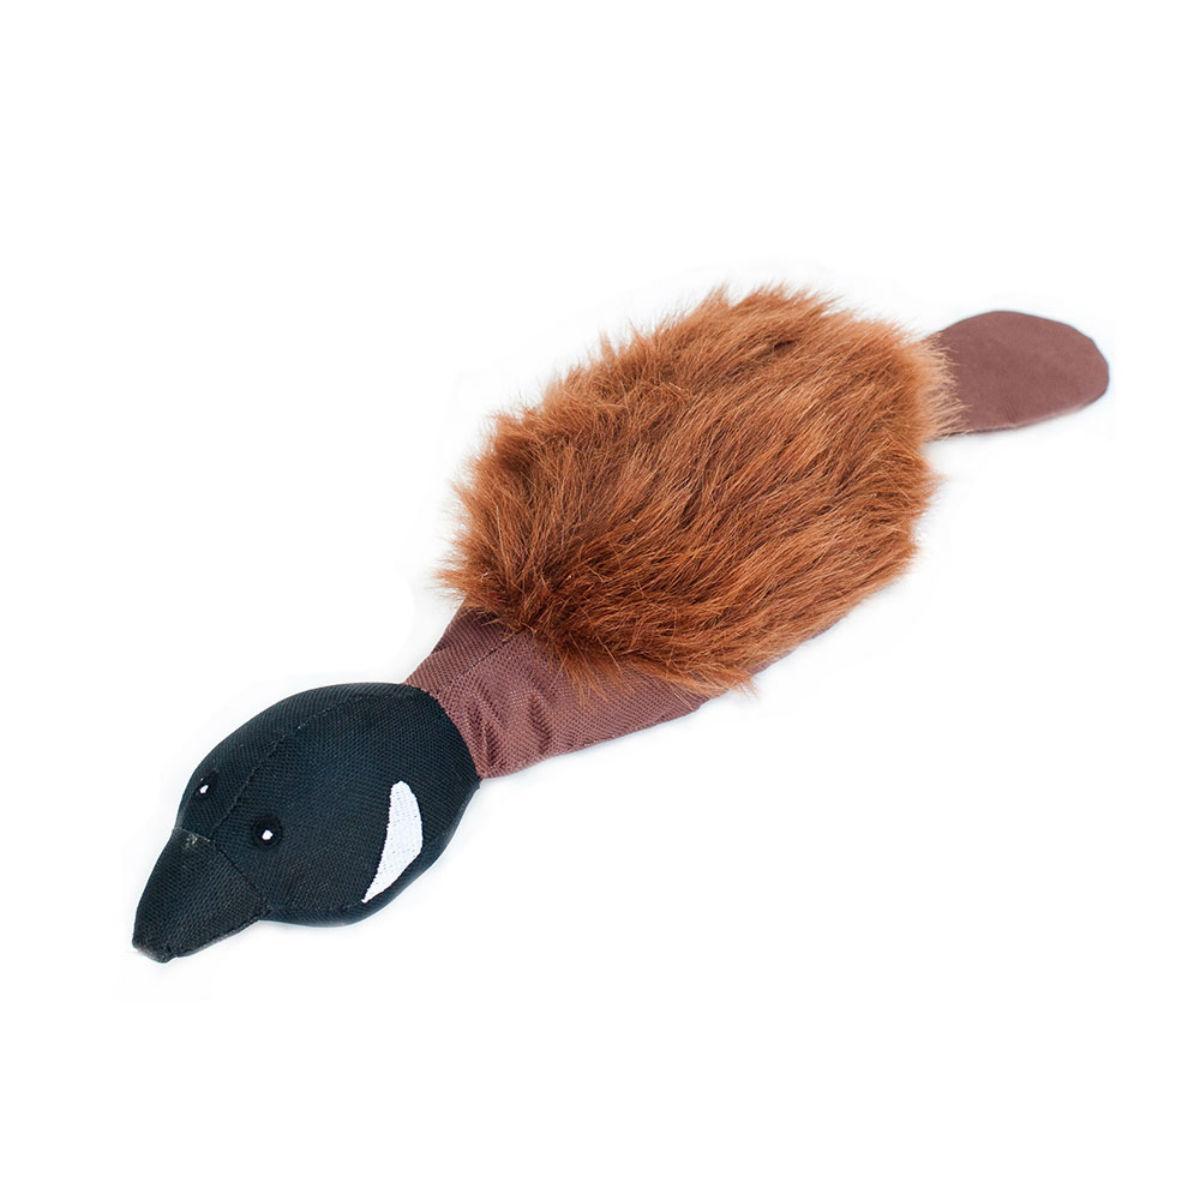 ZippyPaws Throw A Goose Dog Toy